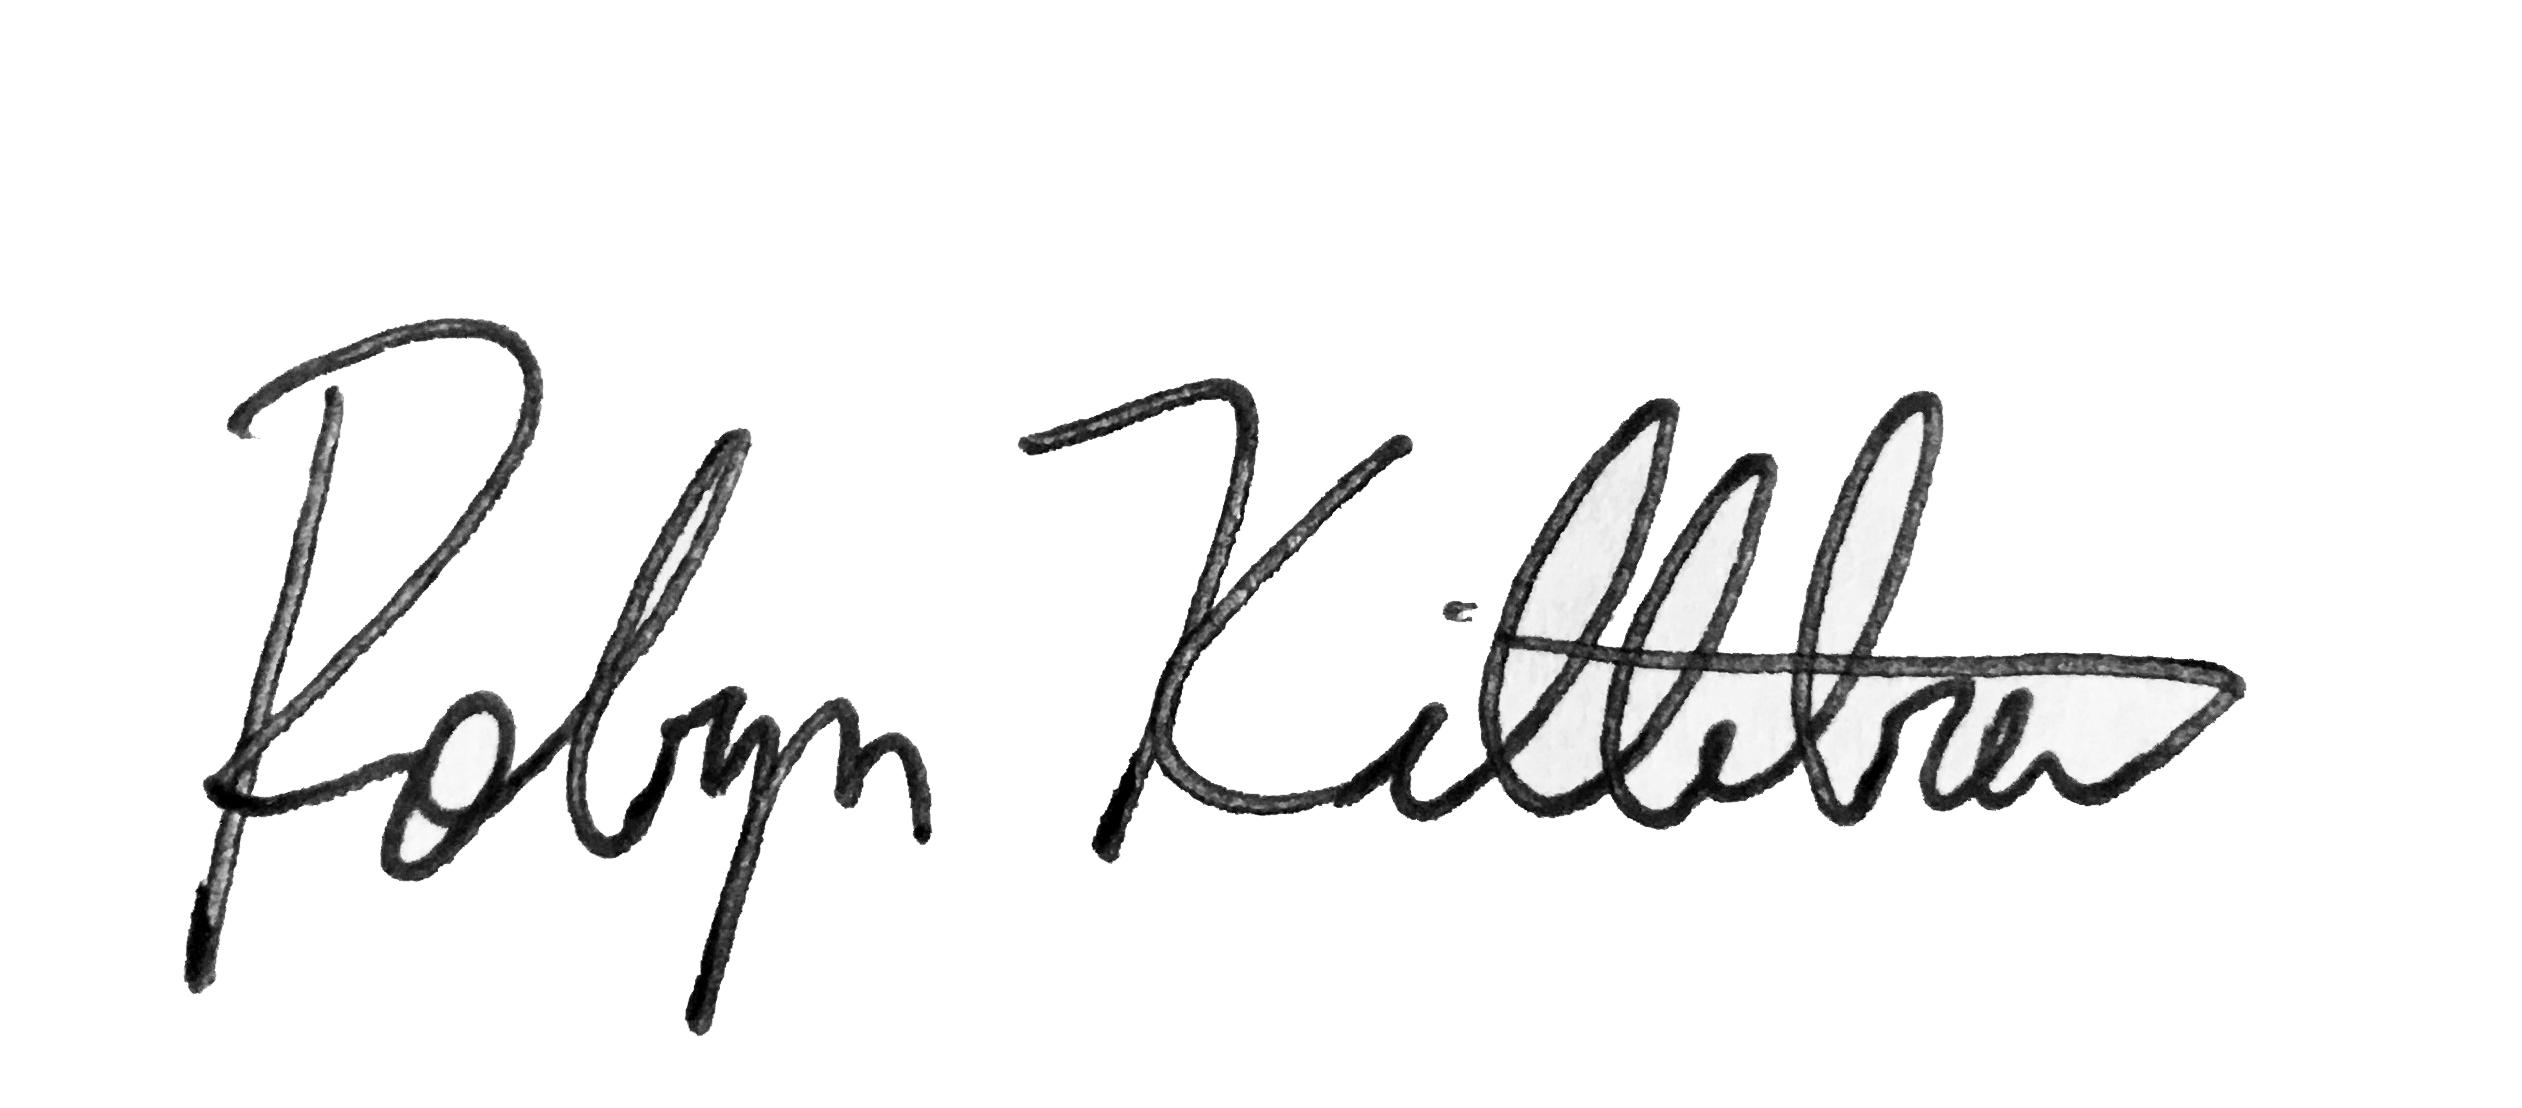 Dr. Killebrew's signature